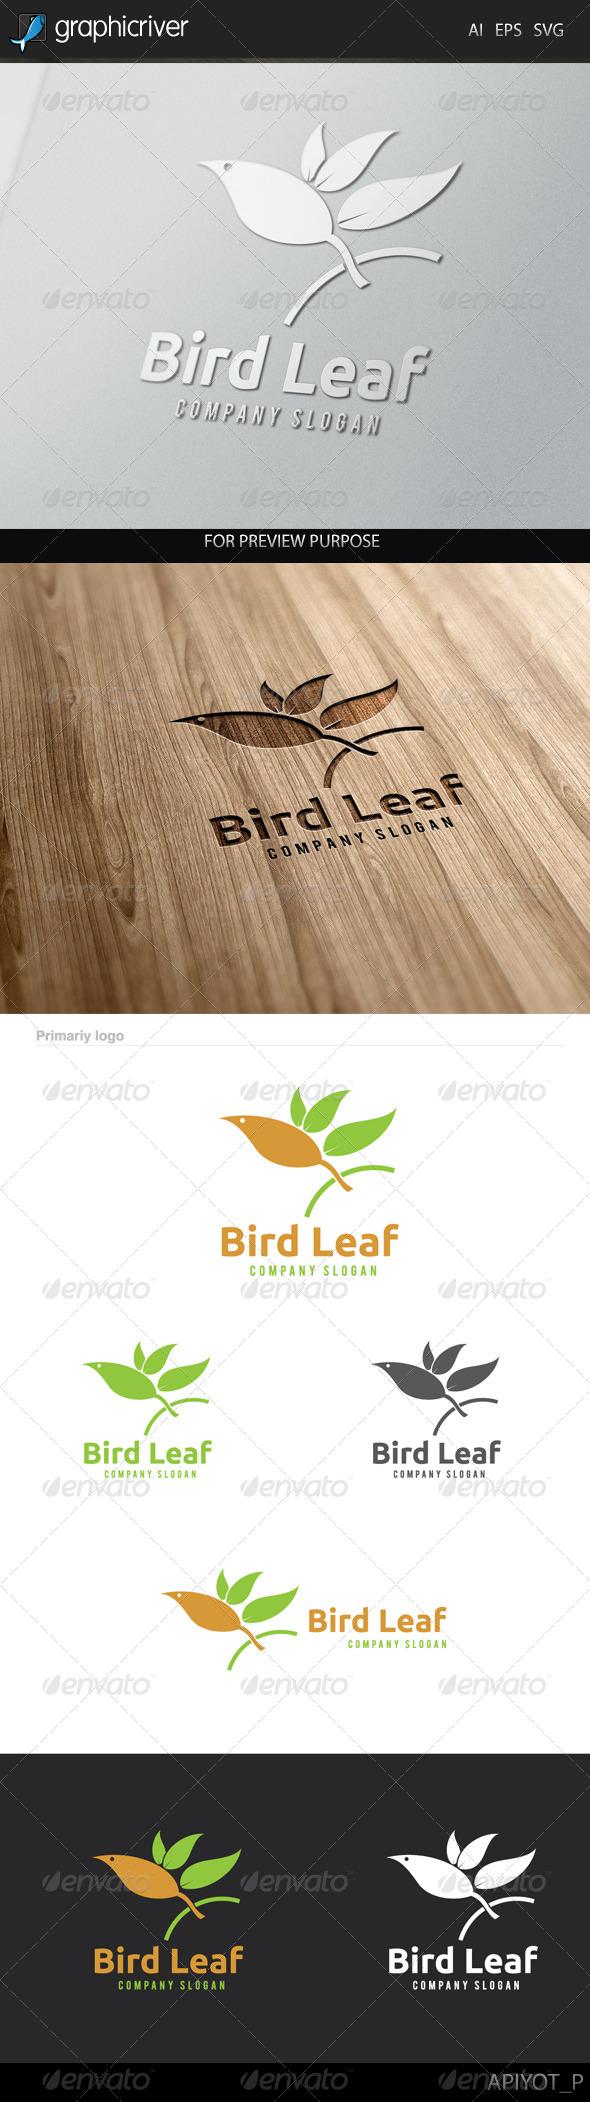 GraphicRiver Bird Leaf Logo 8229066